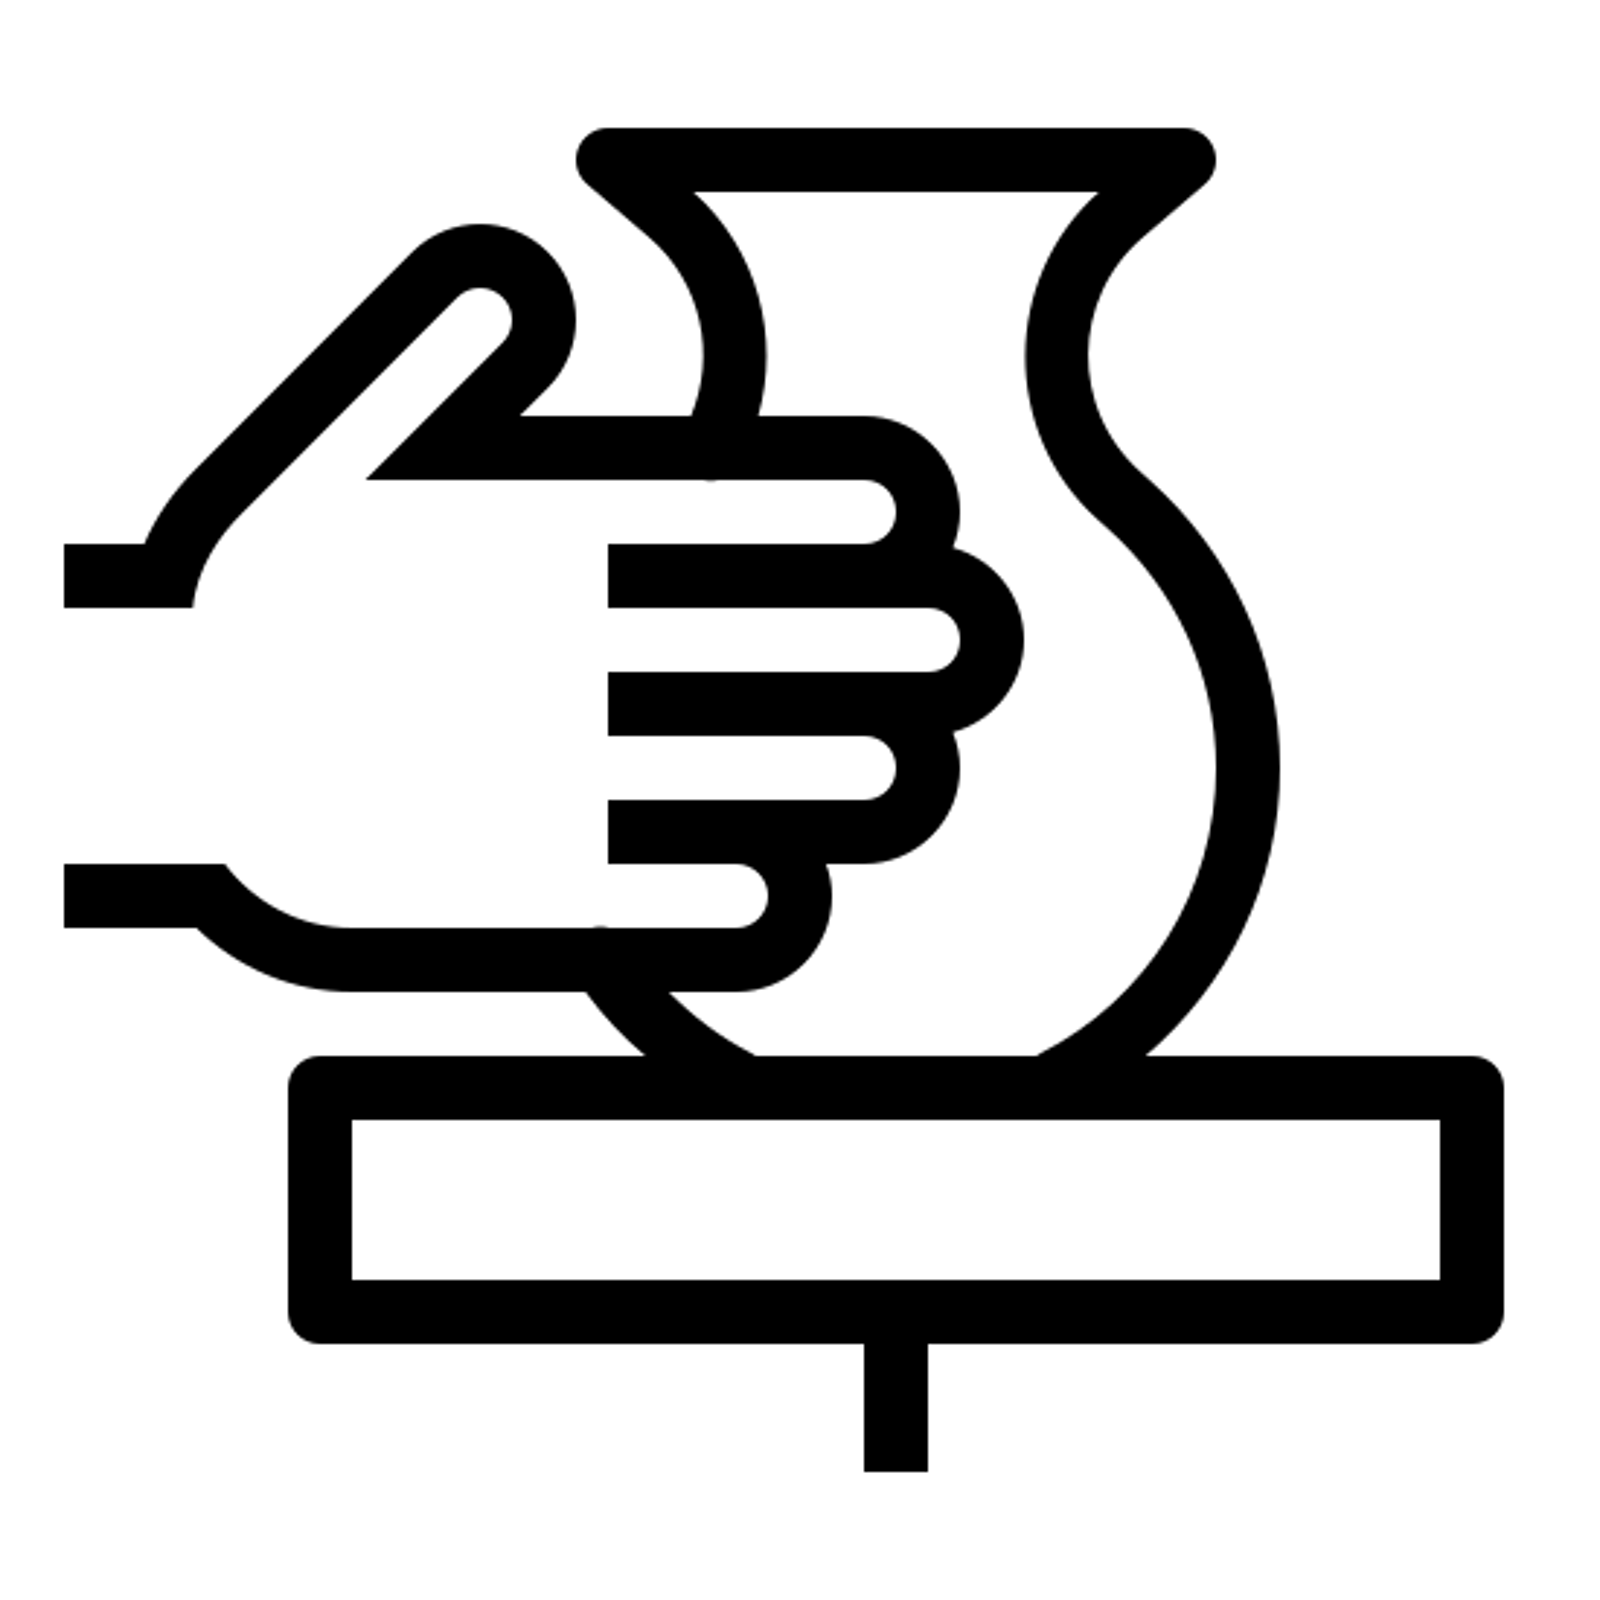 Resultado de imagem para free icons HANDCRAFT